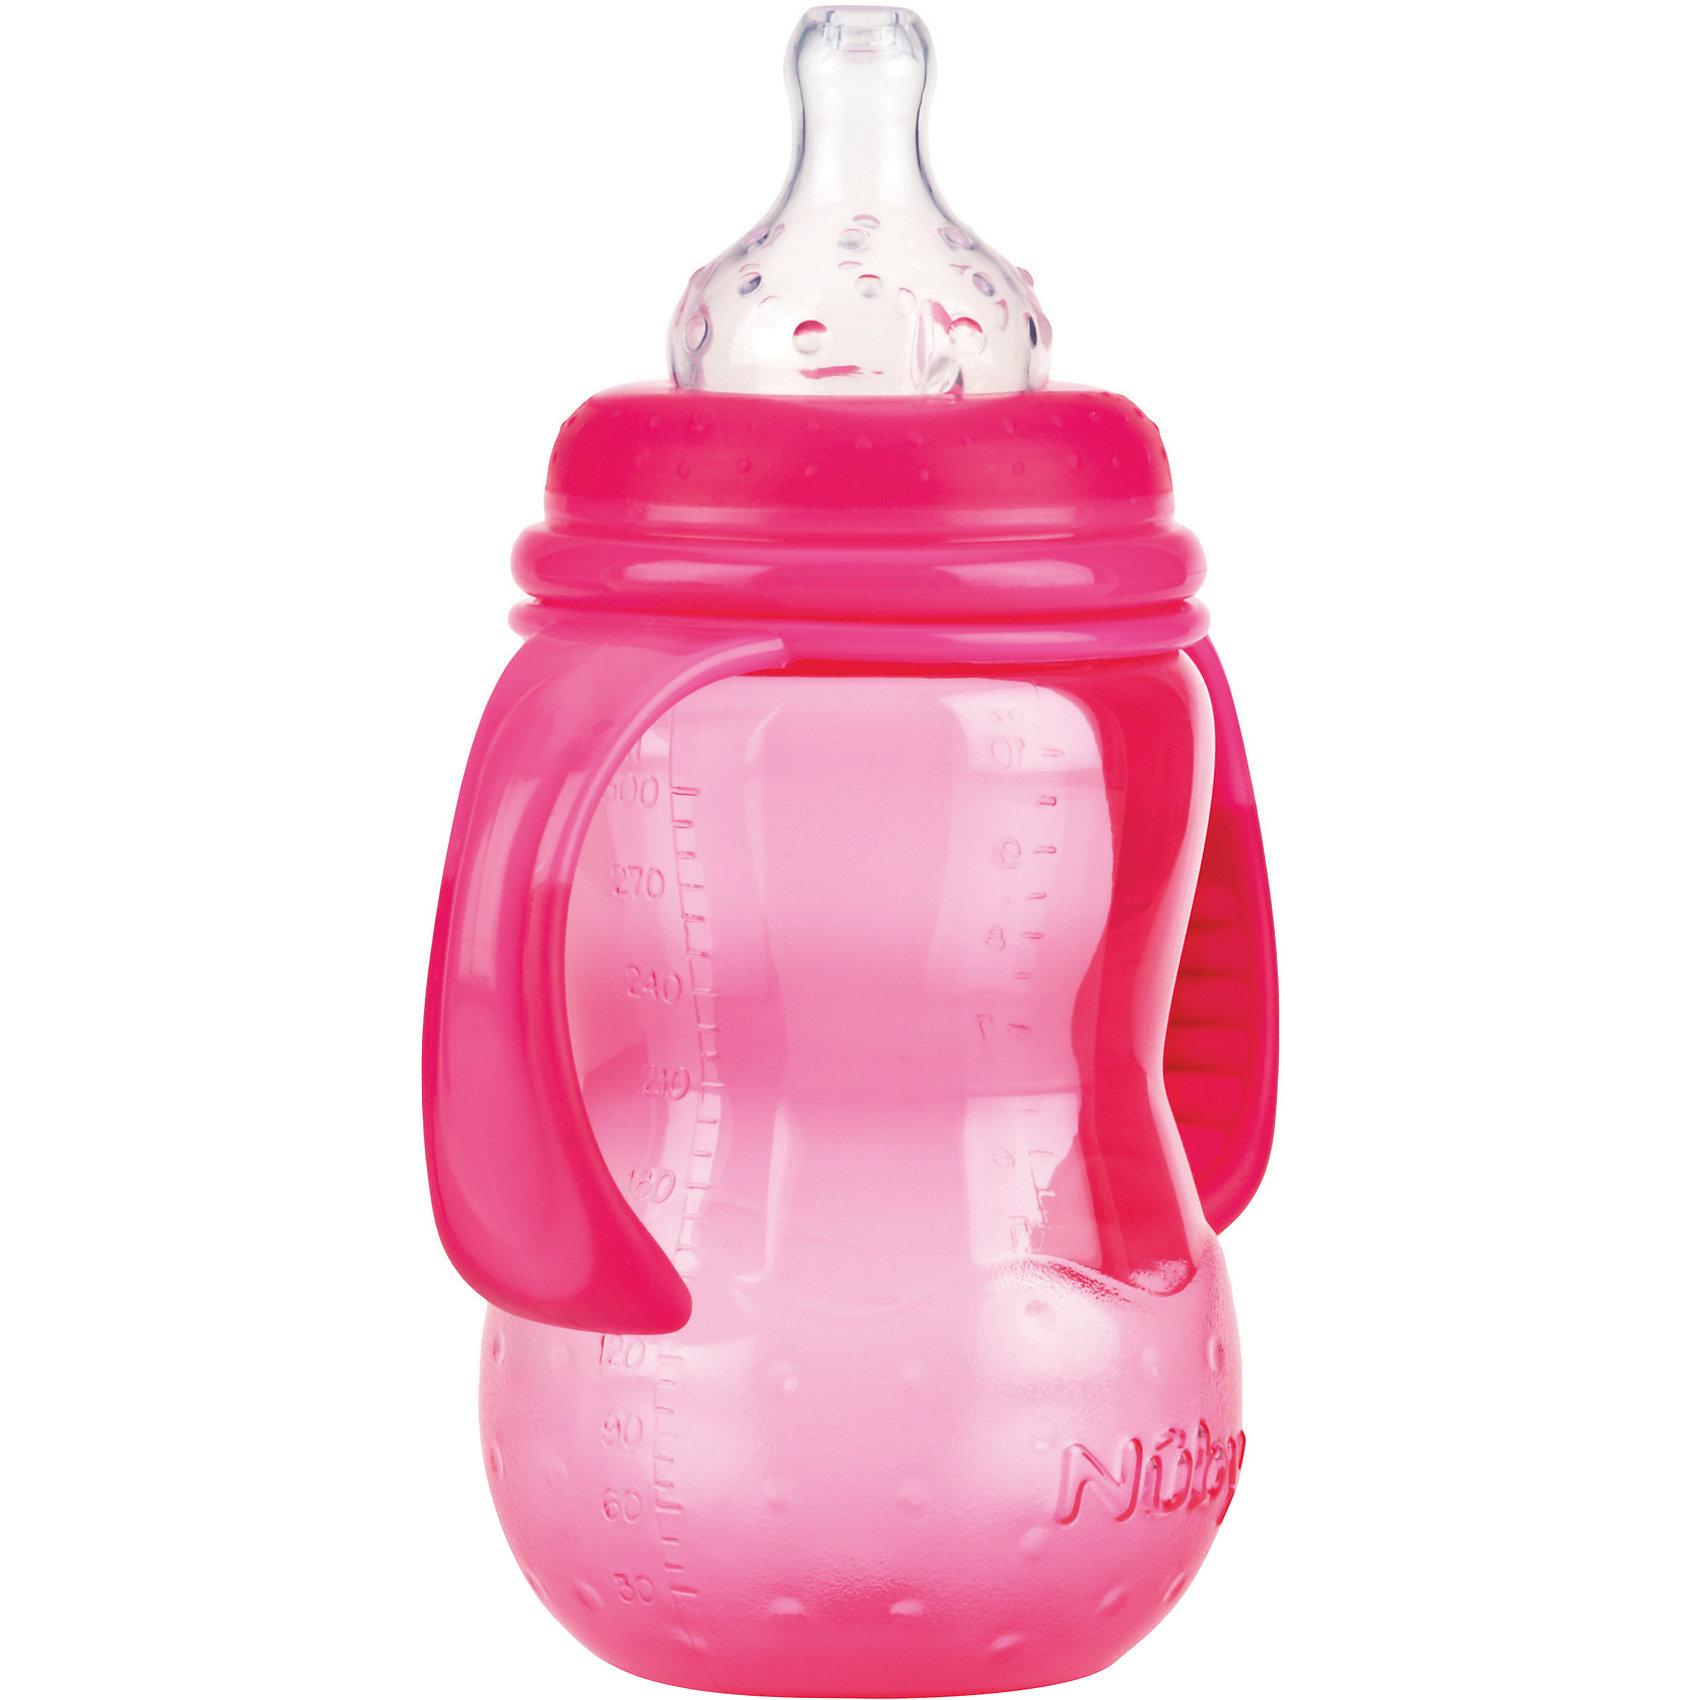 Бутылочка с широким горлом, Nuby, 300 мл., розовыйБутылочки с широким горлом нетрудно наполнять и очищать. Форма такой бутылочки больше соответствует естественной форме материнской груди. Съемные ручки позволяют малышу самостоятельно держать бутылочку, если он хочет.<br>Специальная конструкция соски предотвращает вытекание жидкости. Соска помогает малышу привести скорость питья в соответствие с его индивидуальными потребностями. Чем активнее он пьет, тем больше жидкости поступает из бутылочки – совсем как при сосании материнской груди. Пупырышки соски мягко массируют десны малыша. <br>Материал: полипропилен, не содержит  бисфенол A. <br>Соска: многоцелевая соска для бутылочки с широким горлом, силиконовая<br>Бутылочку с широким горлом 300 мл., Nuby можно купить в нашем интернет-магазине.<br><br>Ширина мм: 75<br>Глубина мм: 125<br>Высота мм: 270<br>Вес г: 130<br>Цвет: розовый<br>Возраст от месяцев: 9<br>Возраст до месяцев: 48<br>Пол: Женский<br>Возраст: Детский<br>SKU: 4318199